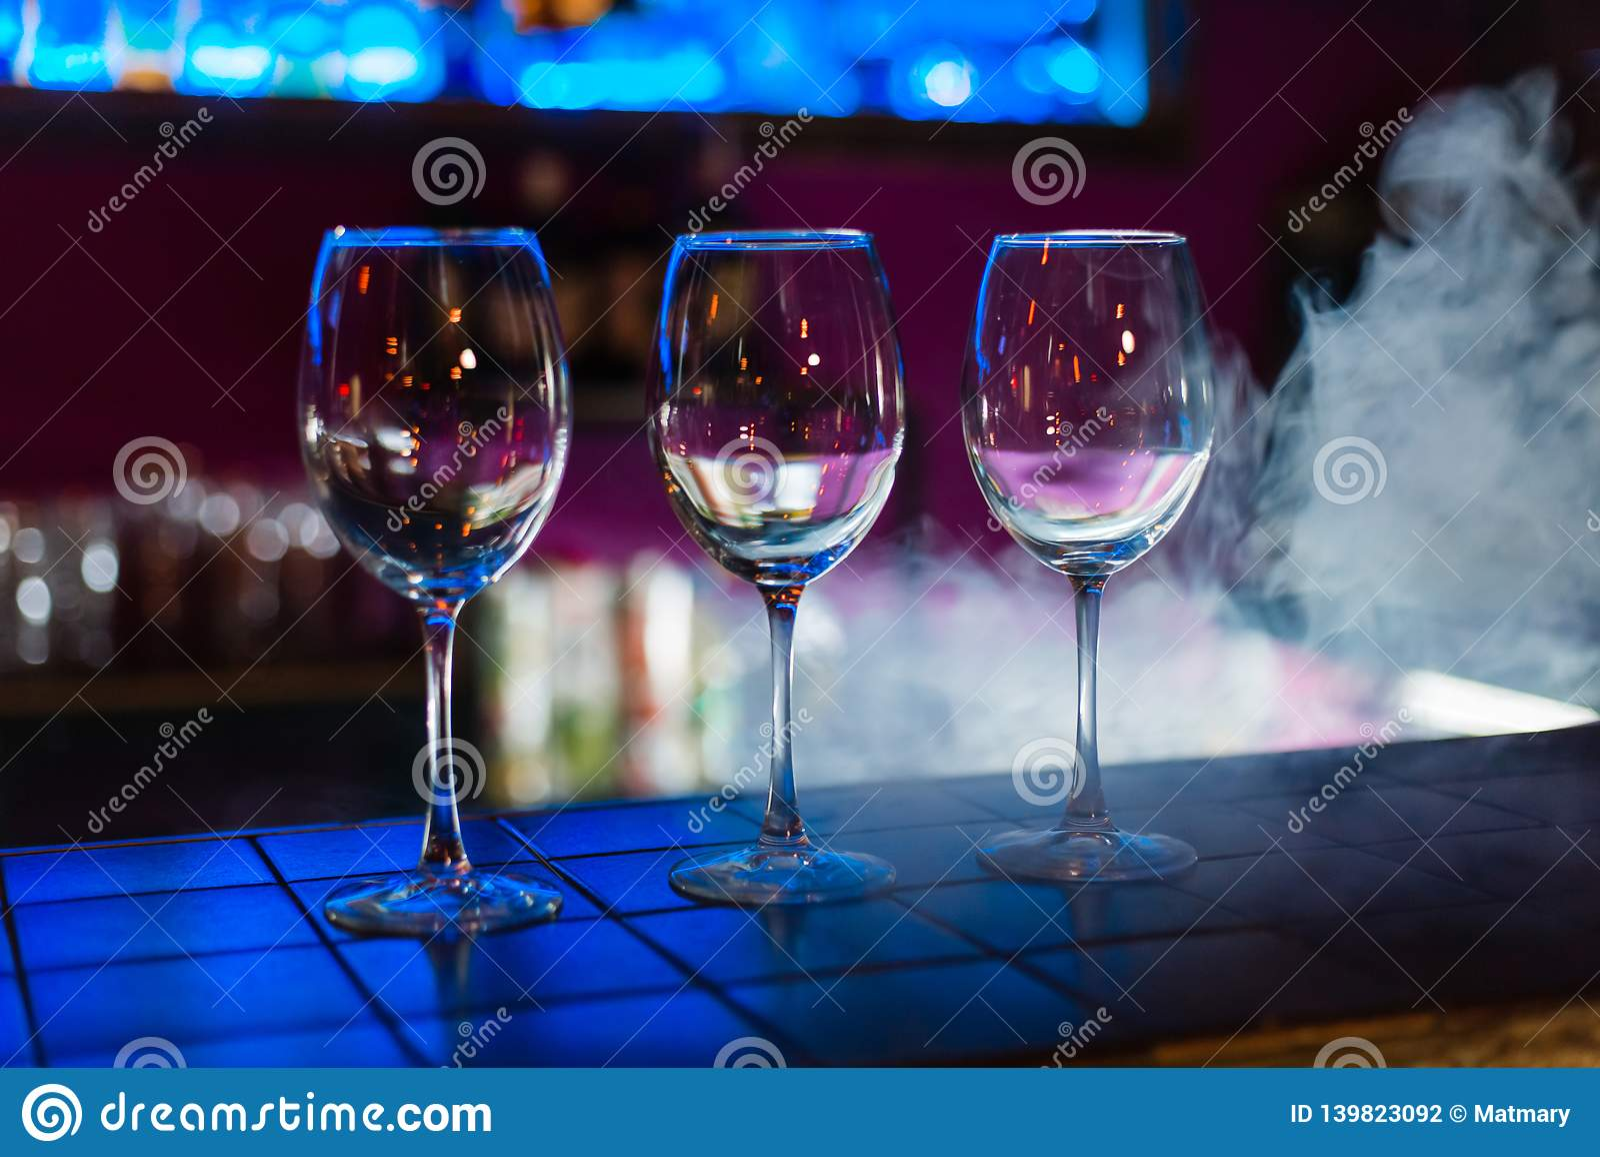 Lege wijnglazen in rij op bar of restaurant